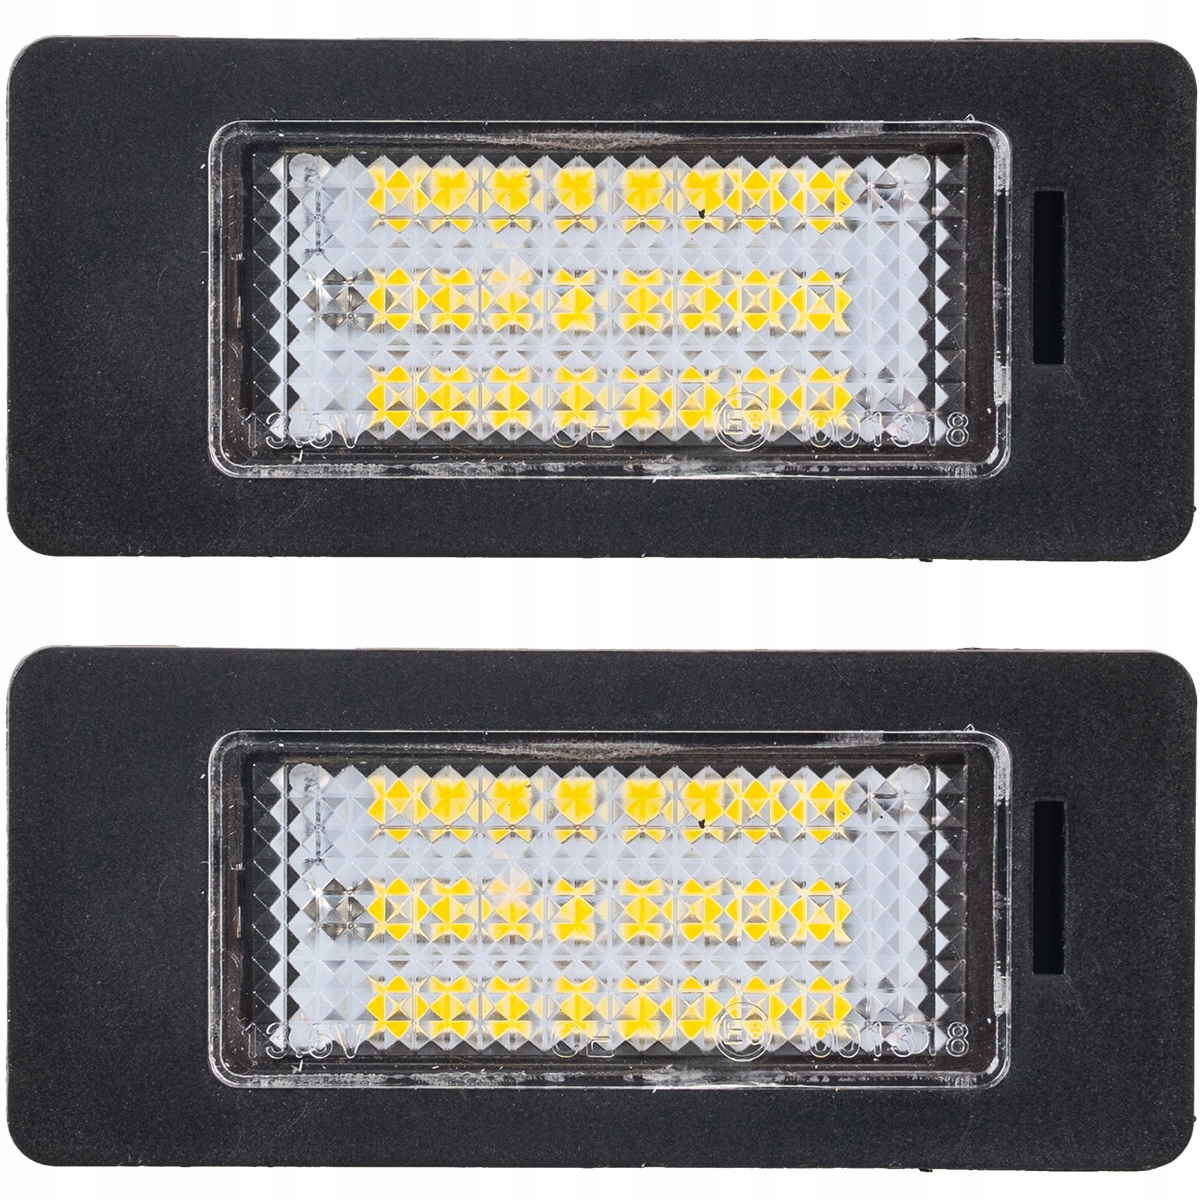 2 лампы led подсветка bmw e60 e90 e39 e70 e71